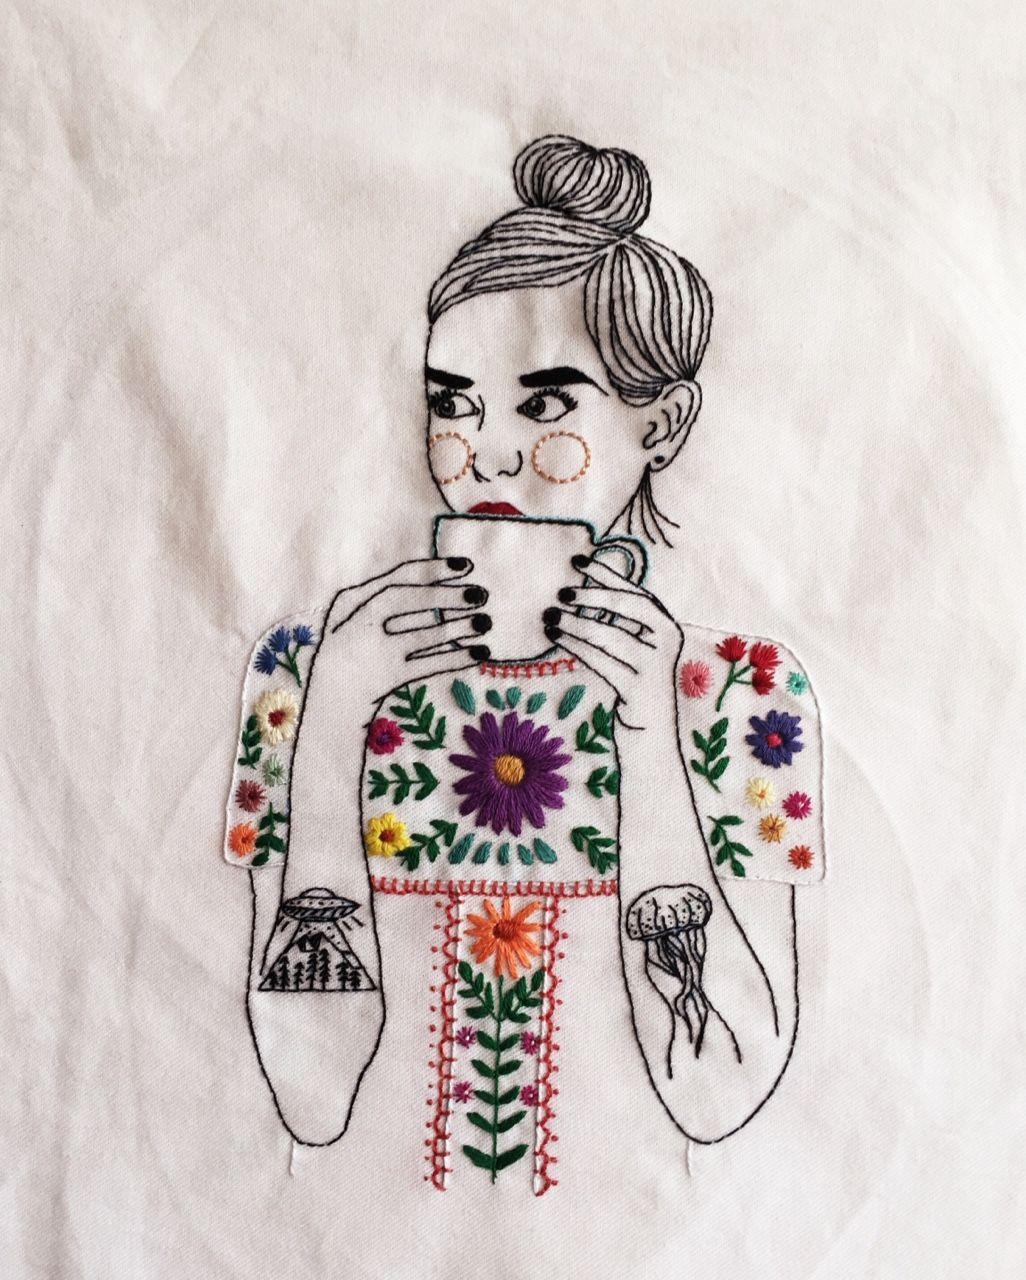 feminist illustration Tumblr | Sew/knit/crochet | Bordado, Bordado ...